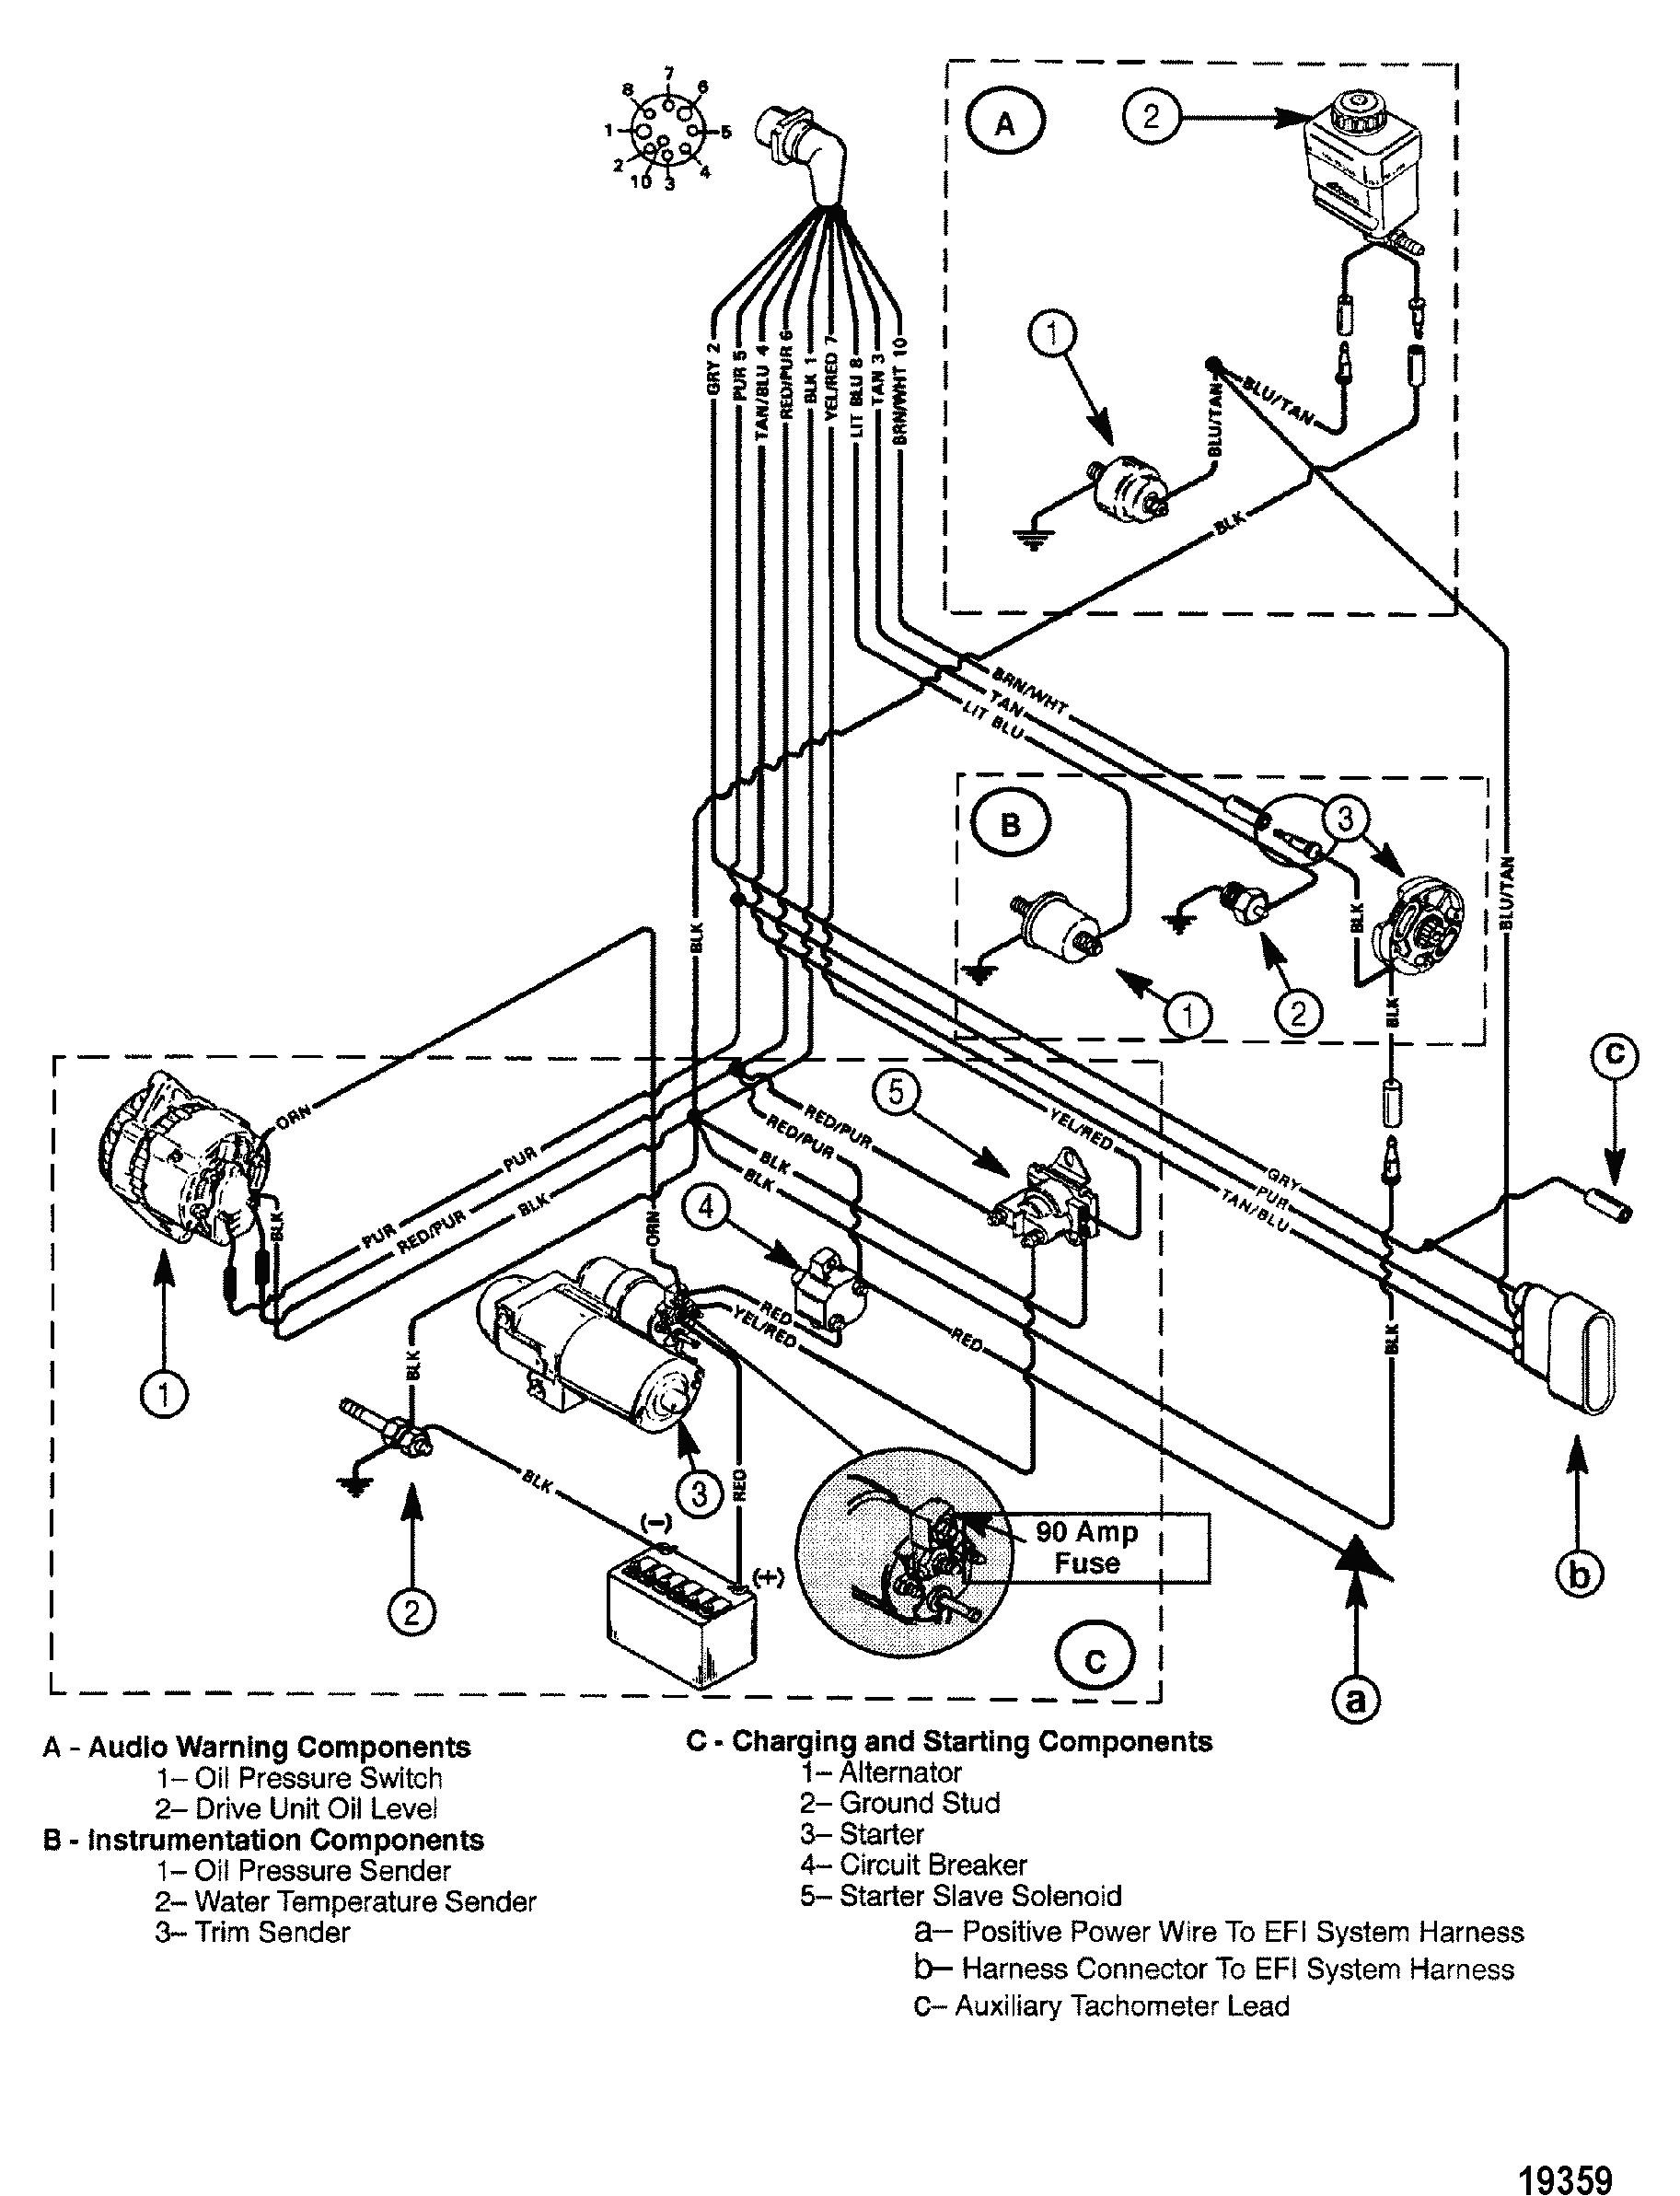 Mercruiser 4 3Lx Tachometer Wiring | Wiring Library - Mercruiser 4.3 Wiring Diagram